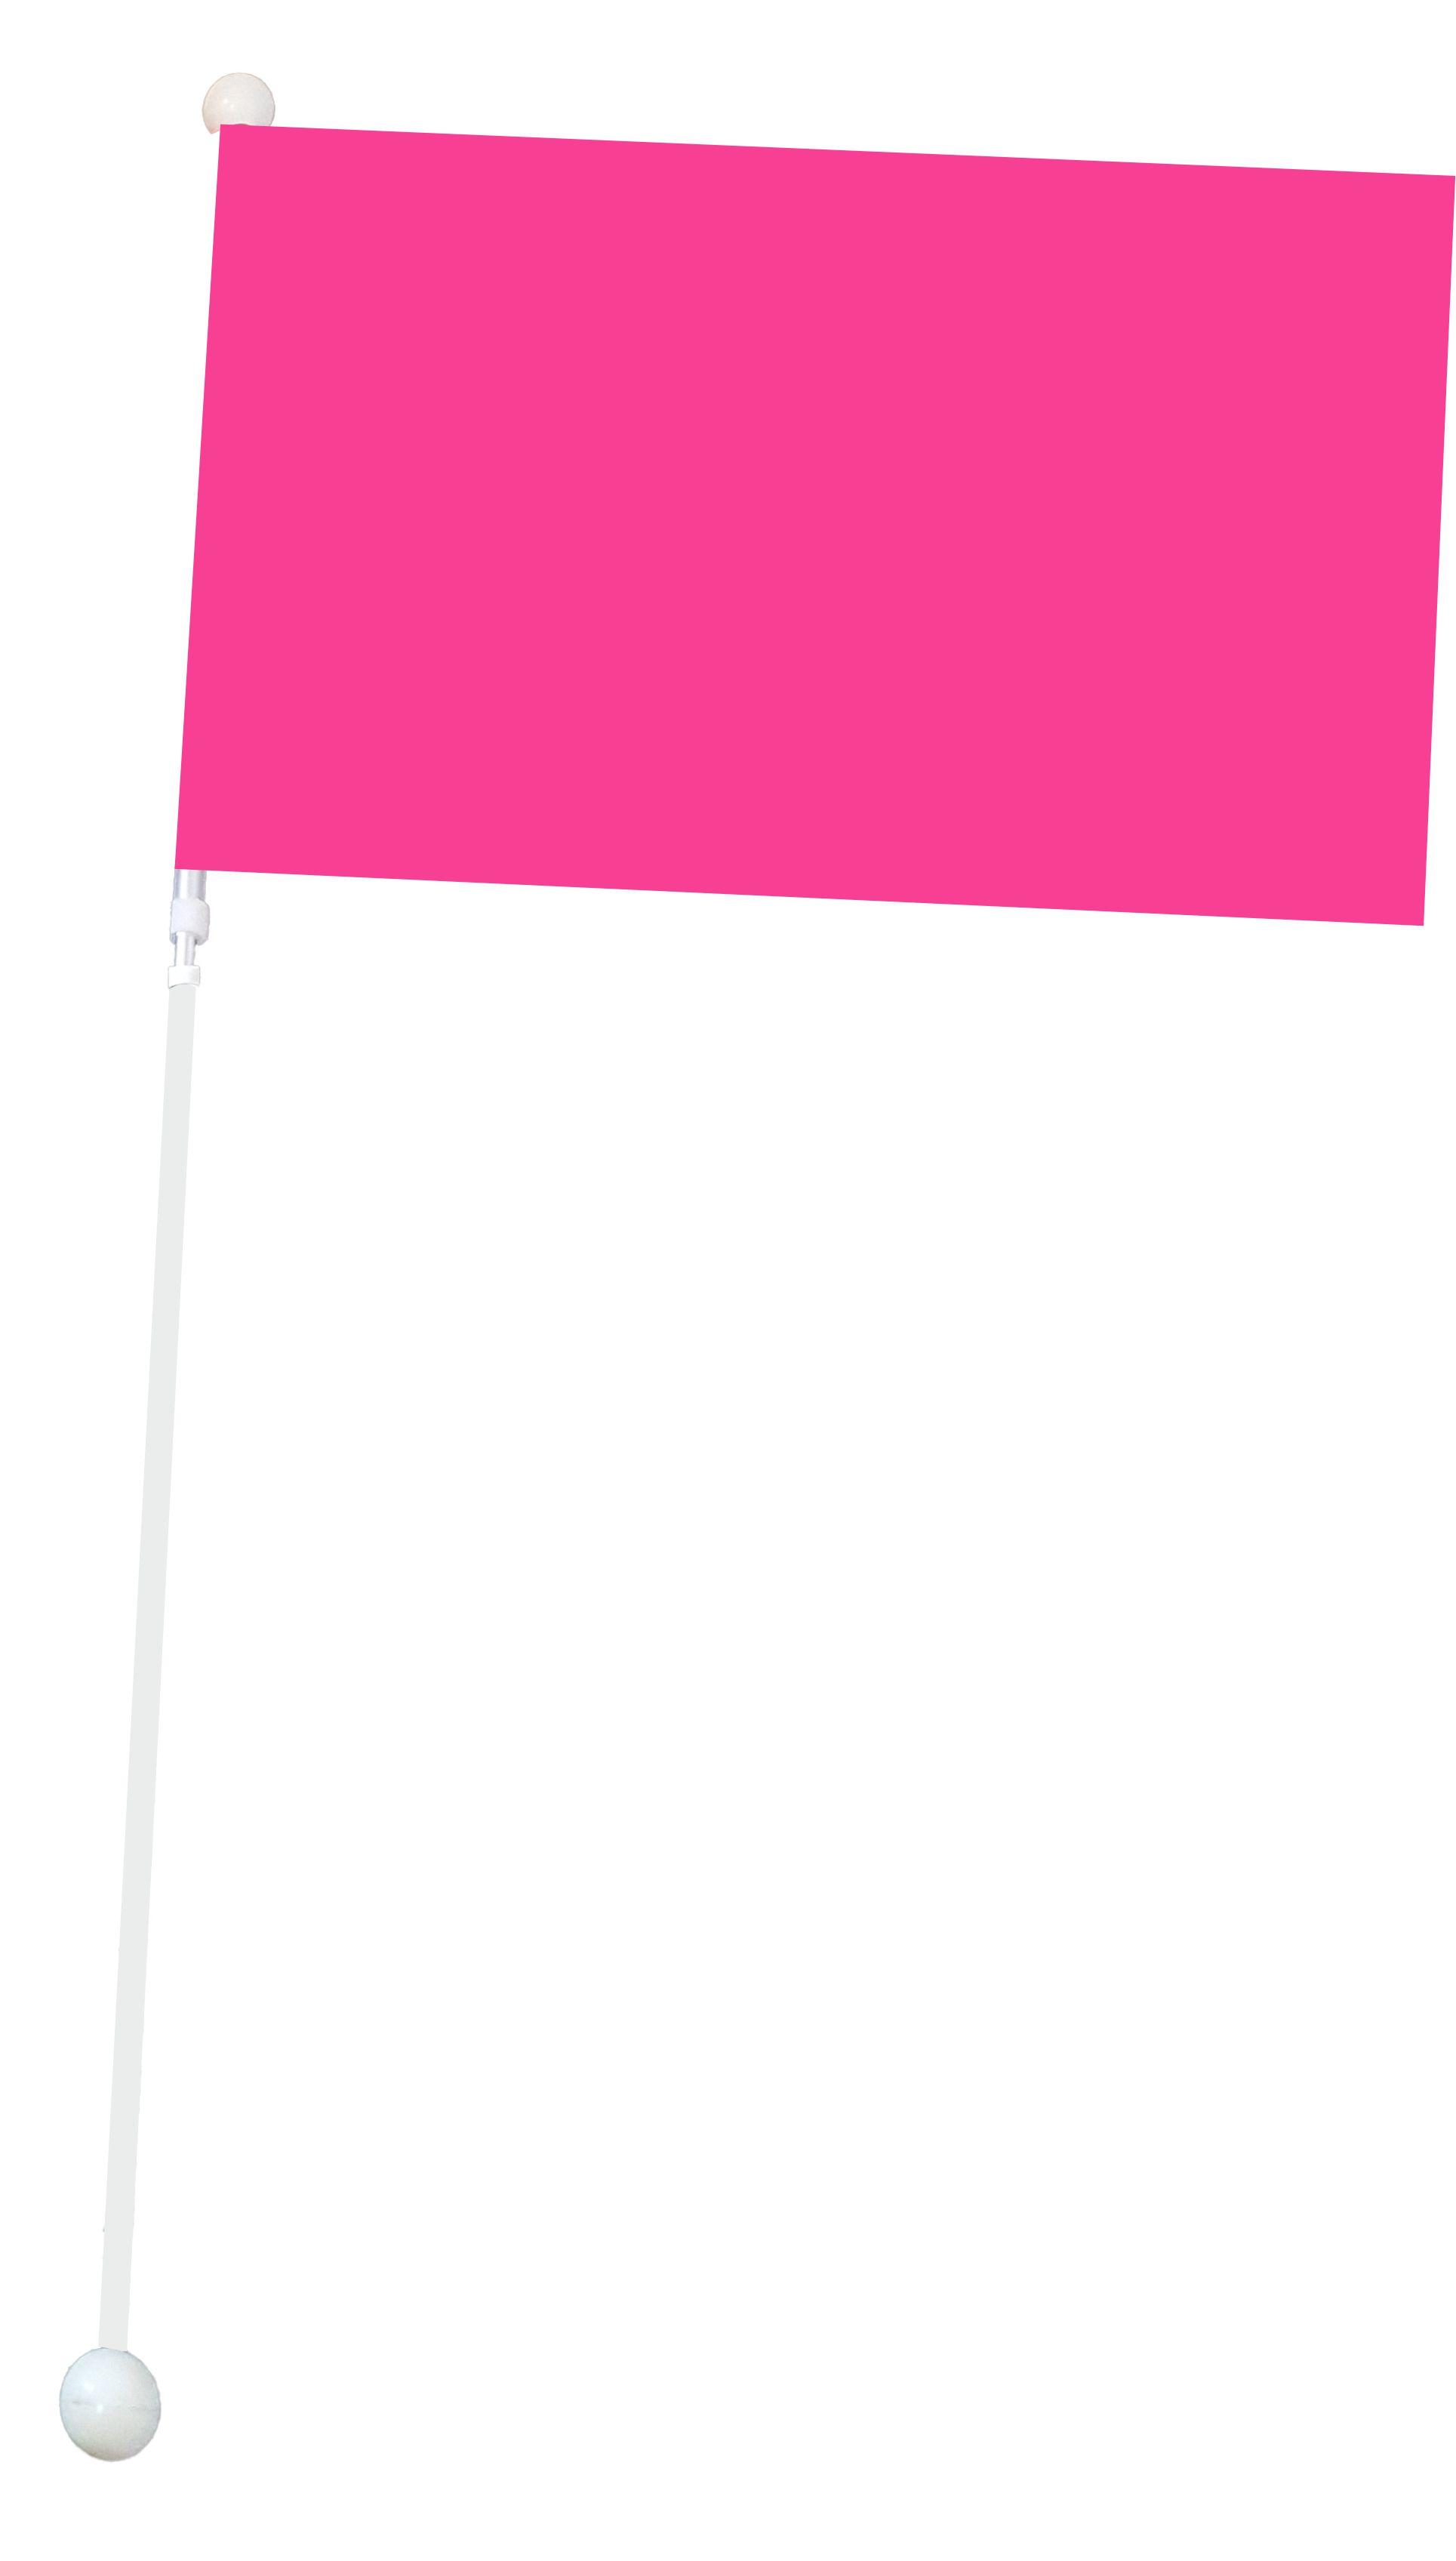 Duża flaga Mażoretkowa - różowa